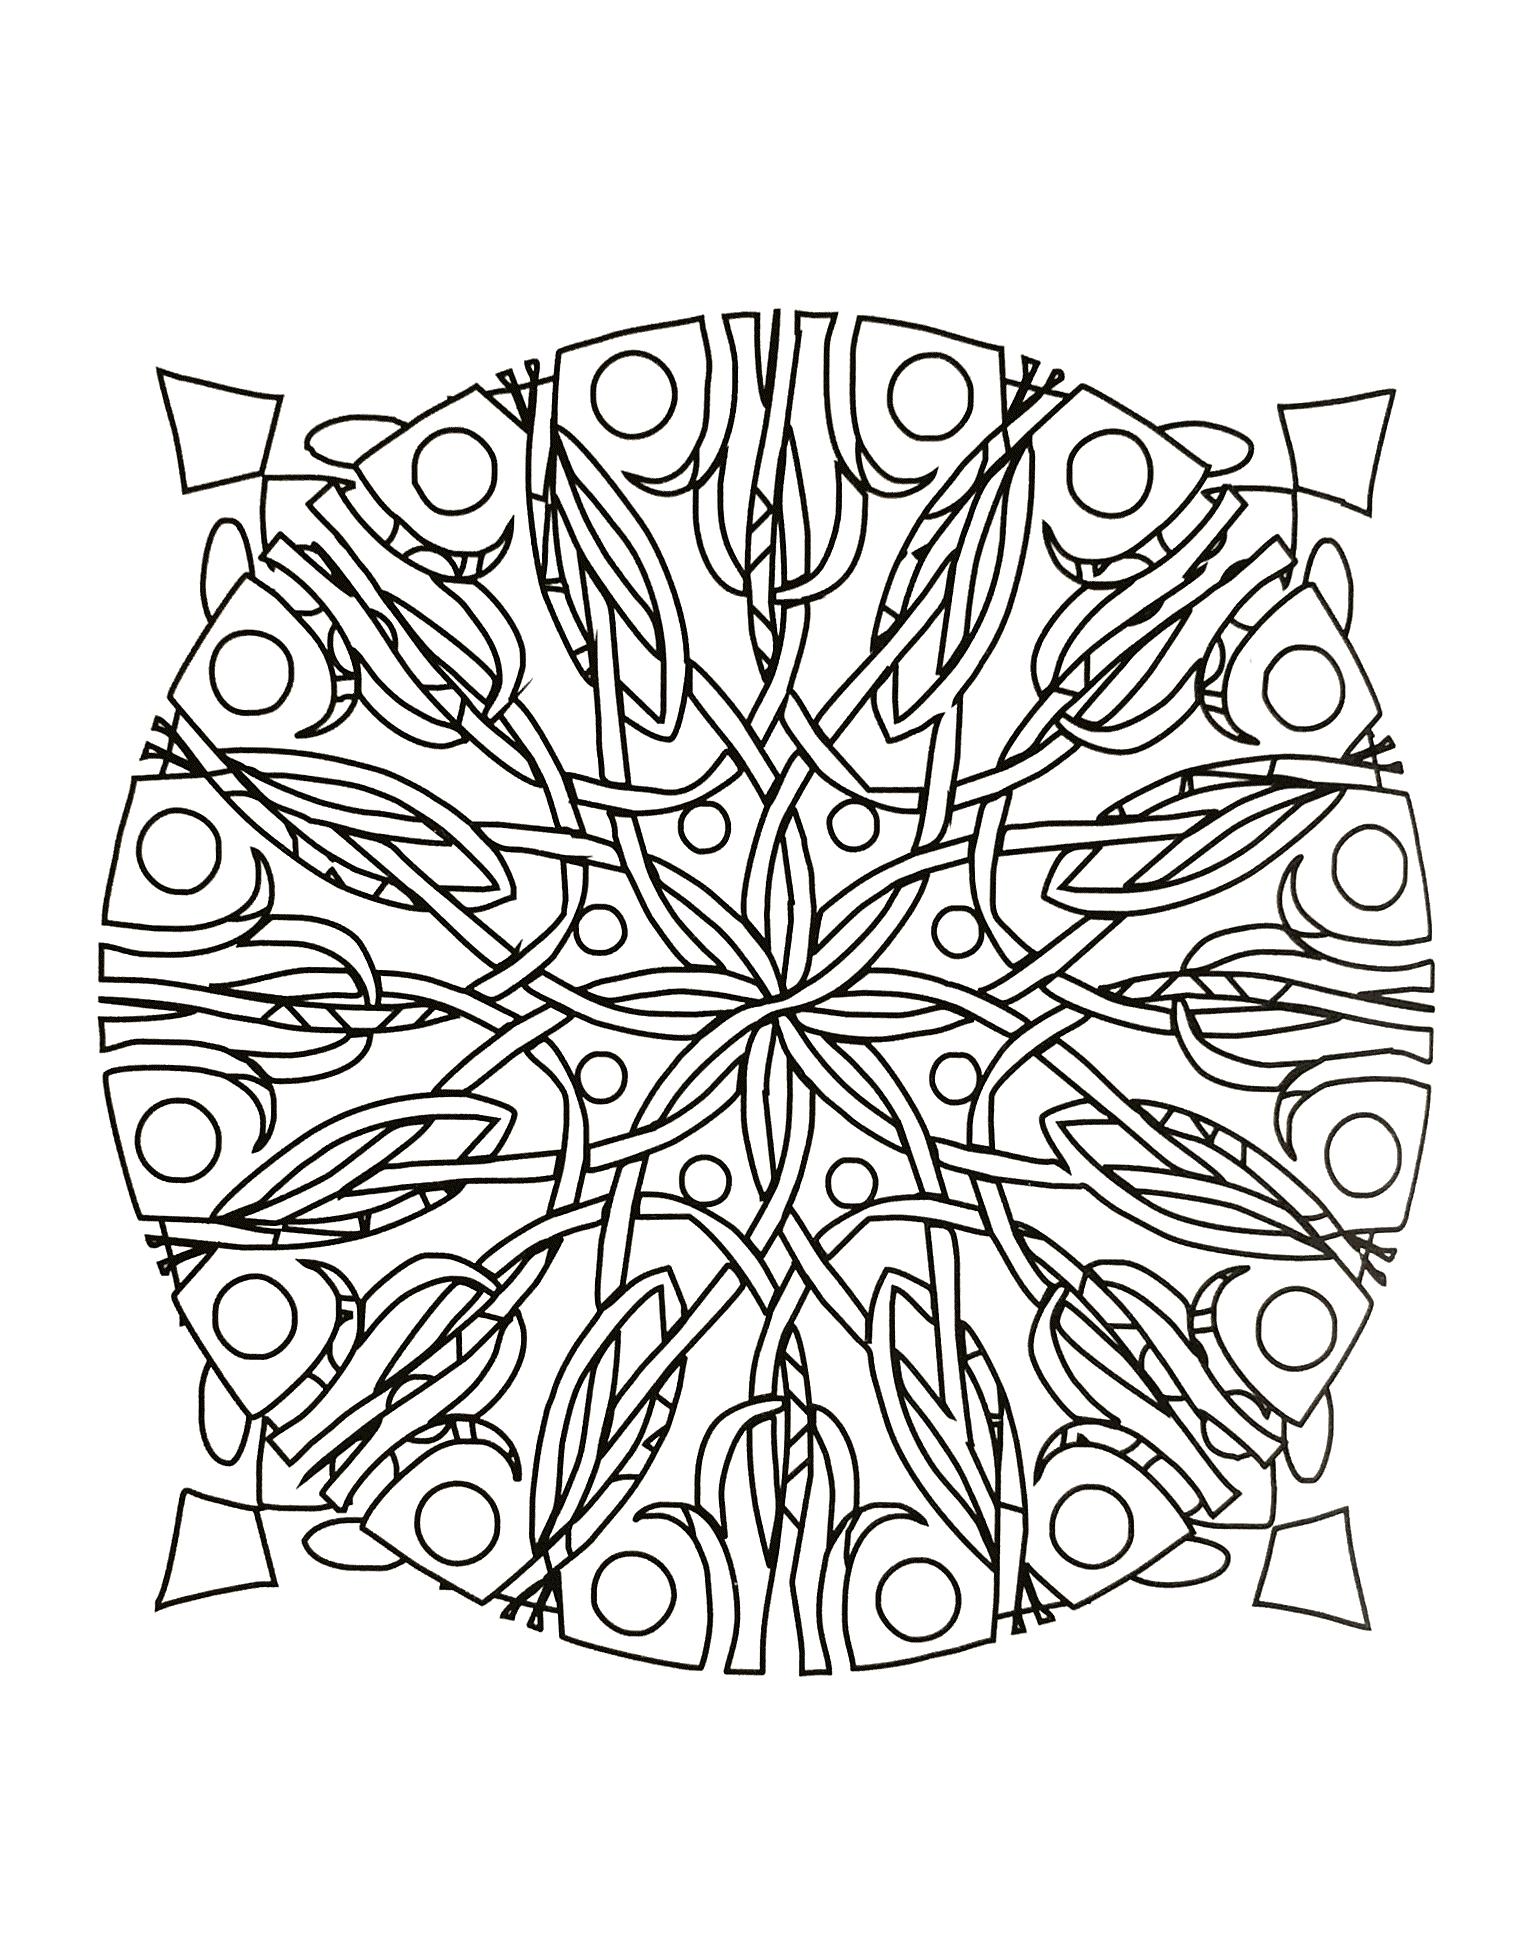 Ronces Dans Un Mandala Mandalas Zen Anti Stress 100 Mandalas